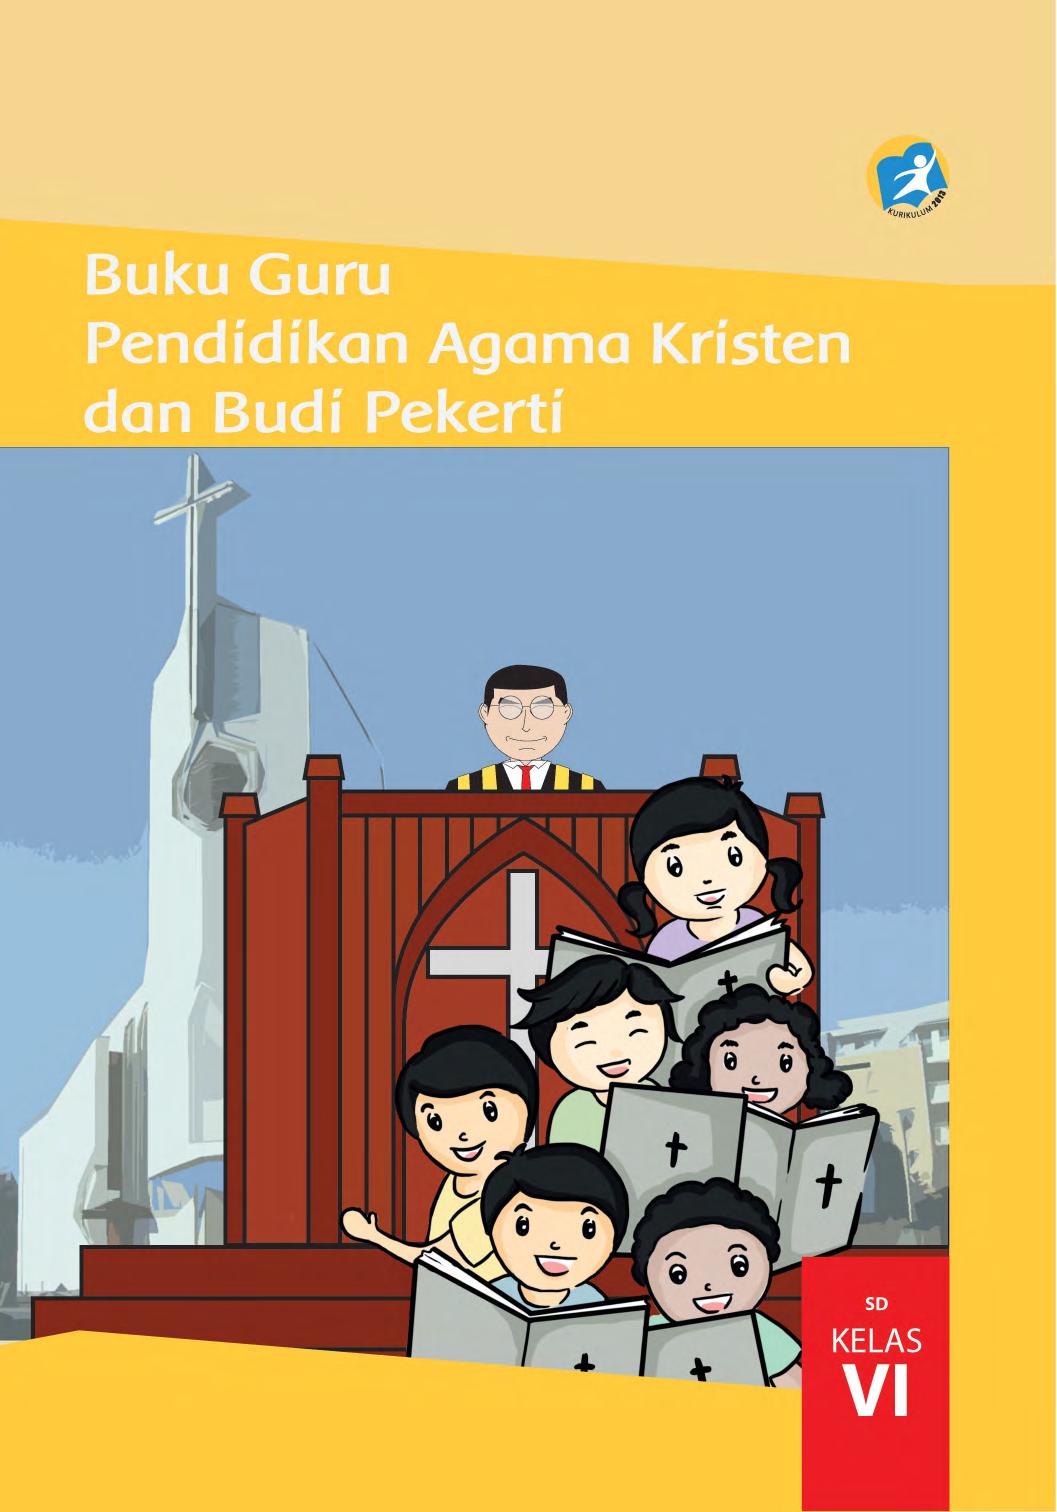 Rpp Pendidikan Agama Kristen Edisi Revisi K 13 Sd Kelas 1